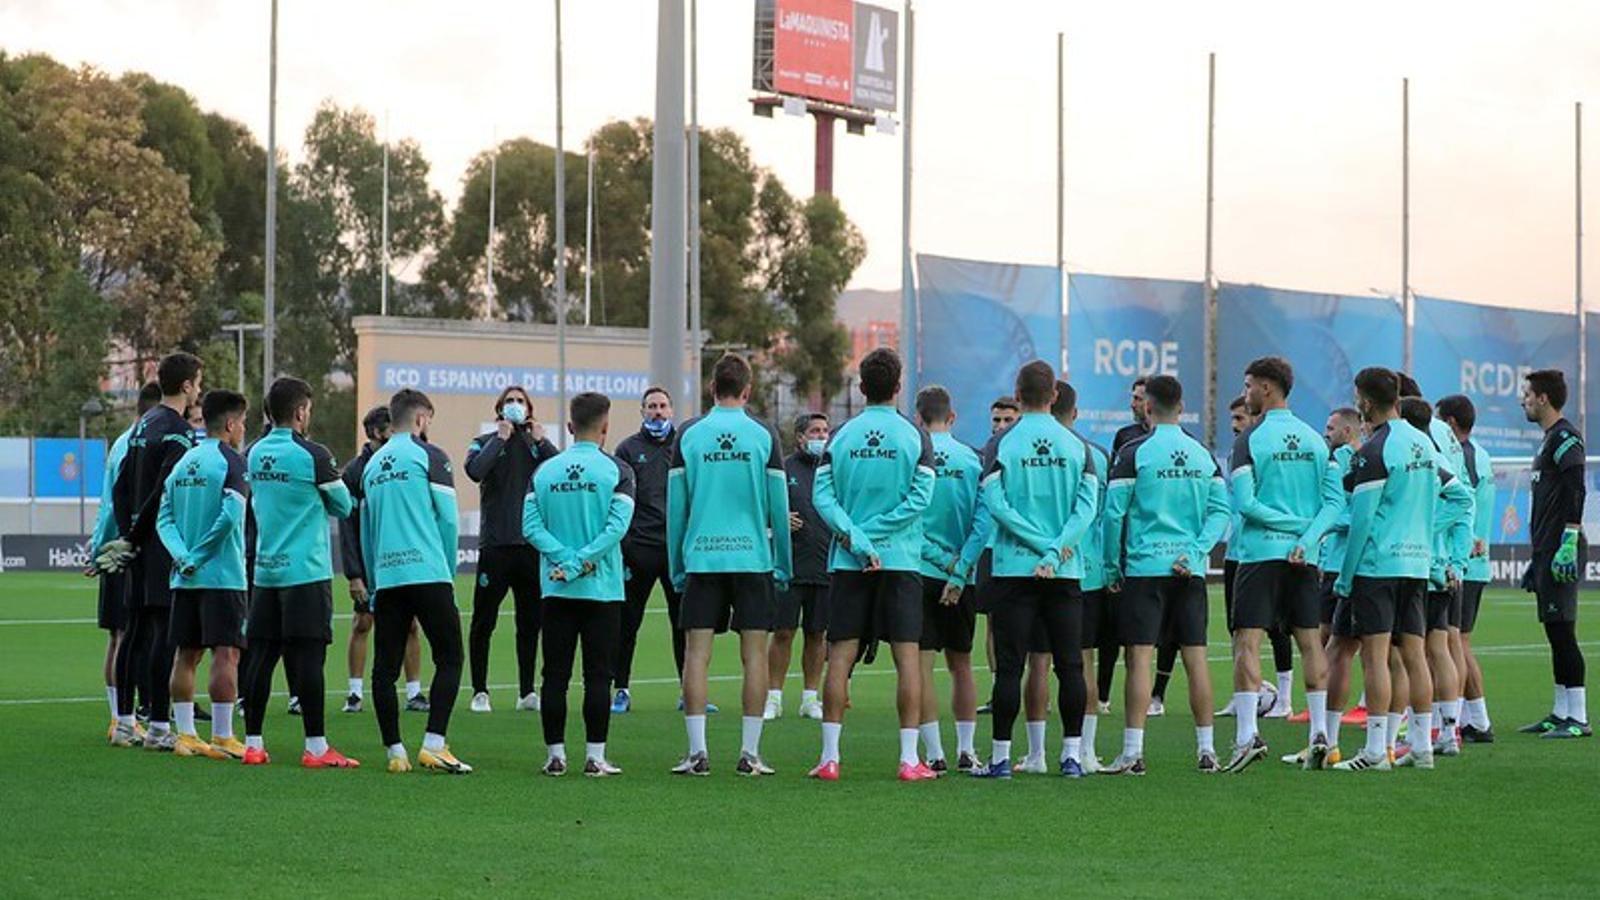 La plantilla de l'Espanyol, durant un entrenament a la Ciutat Esportiva Dani Jarque